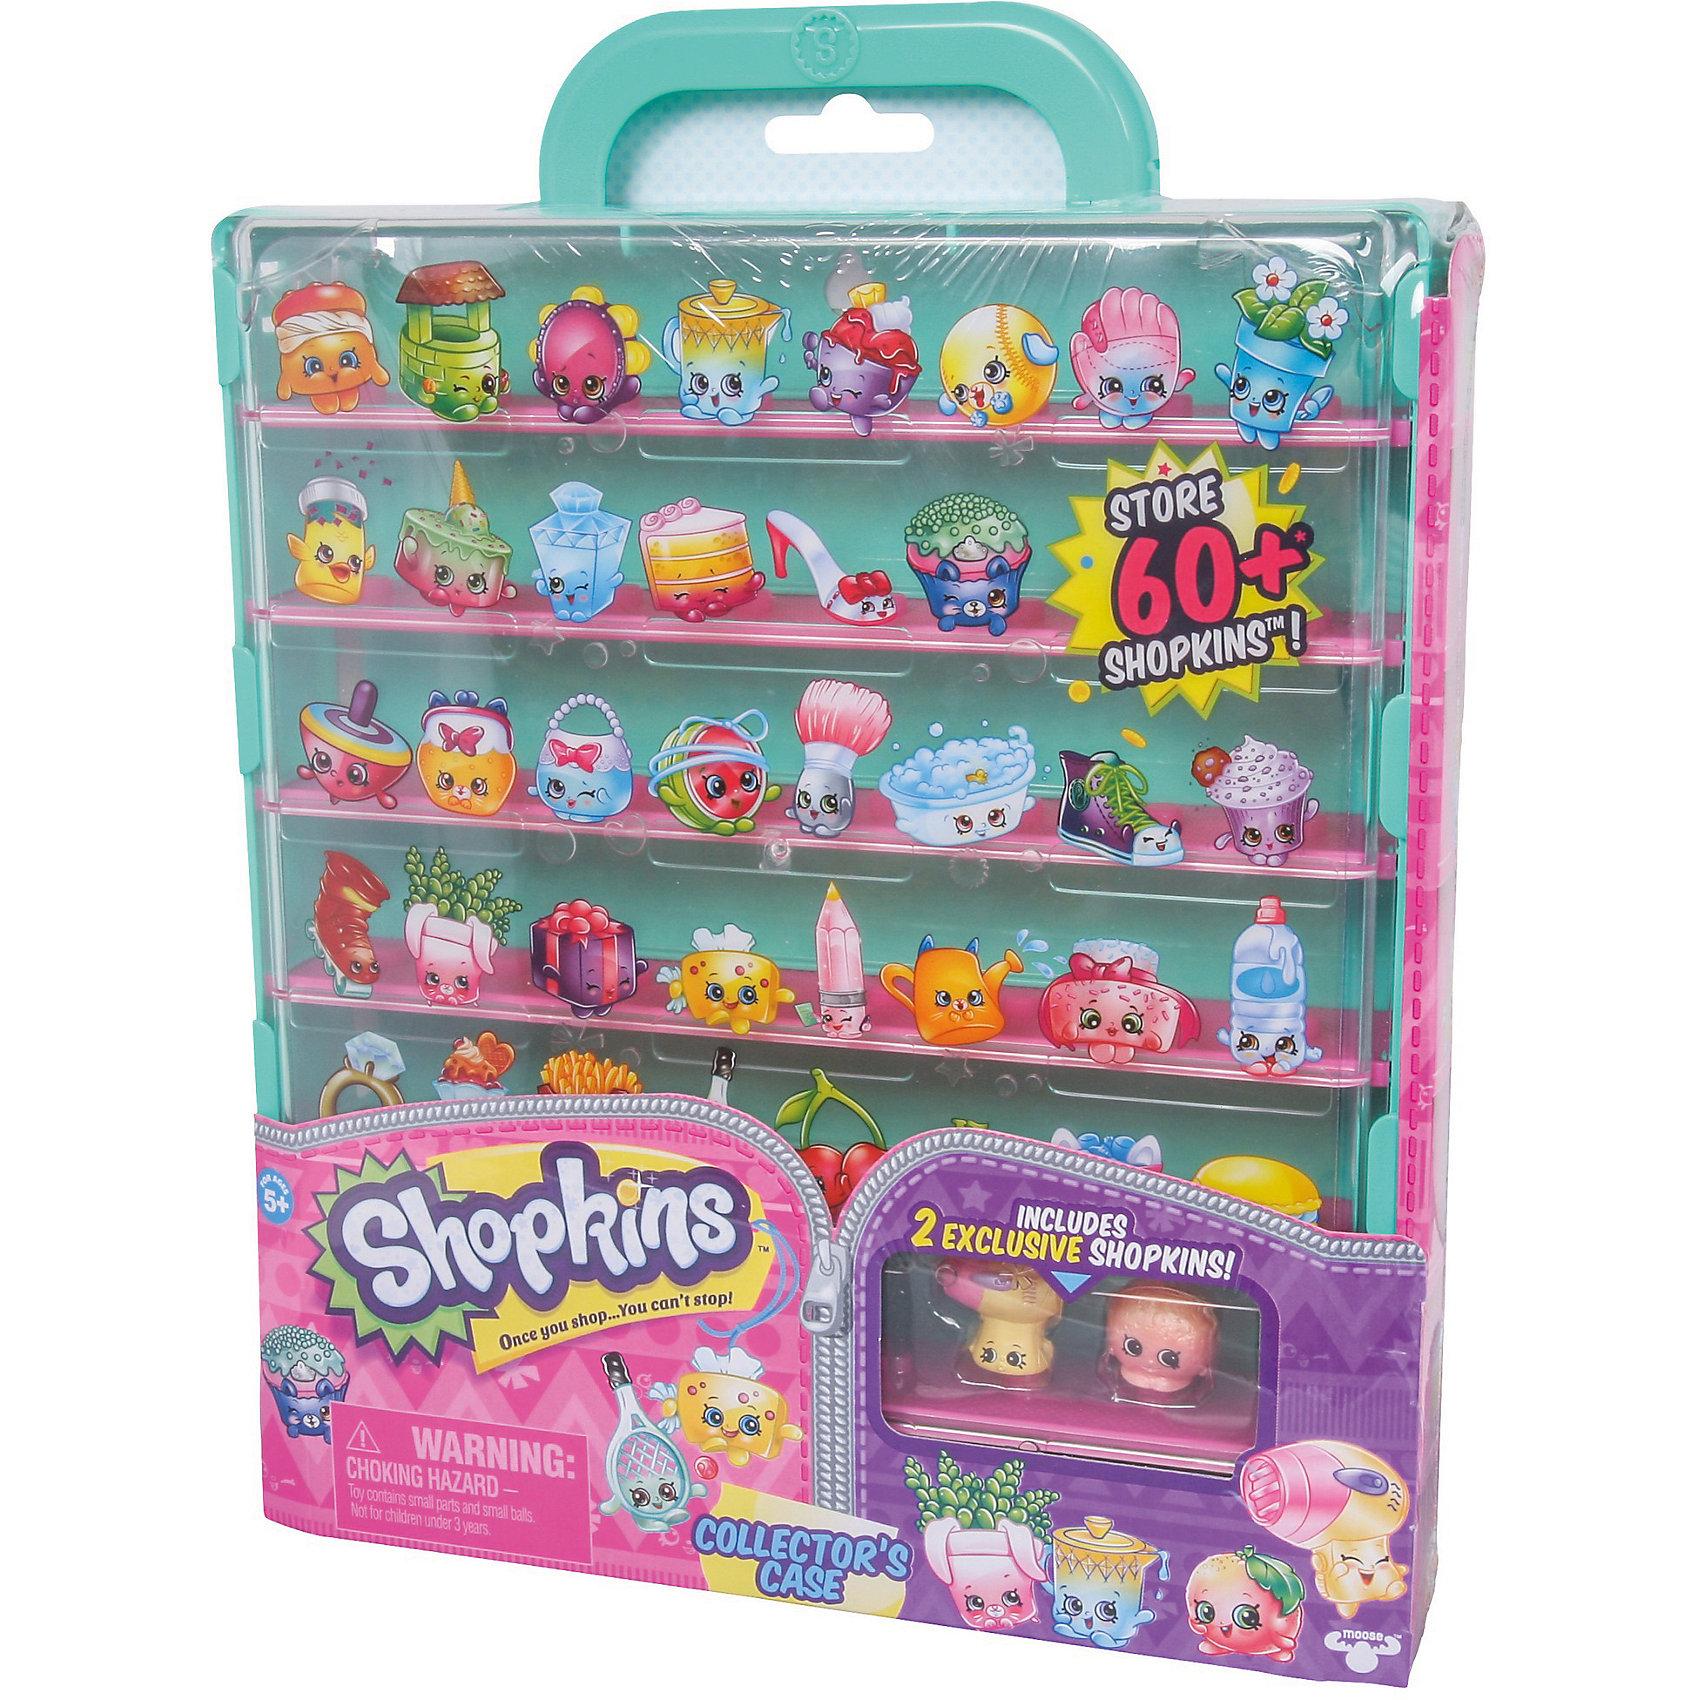 Кейс для хранения фигурок, ShopkinsКоллекционные и игровые фигурки<br>Играть с любимыми мультяшными персонажами всегда веселее! Шопкинс - это любимые герои многих современных детей. Фигурки в виде героев из одноименного мультфильма обязательно порадуют ребенка. Также в набор входит специальный кейс для их хранения.<br>Такие игрушки способствуют развитию мелкой моторики, мышления и социальных навыков. Сделаны из материалов, безопасных для детей.<br><br>Дополнительная информация:<br><br>комплектация: две фигурки Shopkins, наклейки, кейс;<br>рекомендуемый возраст: от пяти лет;<br>размер: 30 х 23 см;<br>материал: полимер.<br><br>Кейс для хранения фигурок от бренда Shopkins (Шопкинс) можно купить в нашем интернет-магазине.<br><br>Ширина мм: 236<br>Глубина мм: 315<br>Высота мм: 318<br>Вес г: 640<br>Возраст от месяцев: 60<br>Возраст до месяцев: 120<br>Пол: Женский<br>Возраст: Детский<br>SKU: 5055356